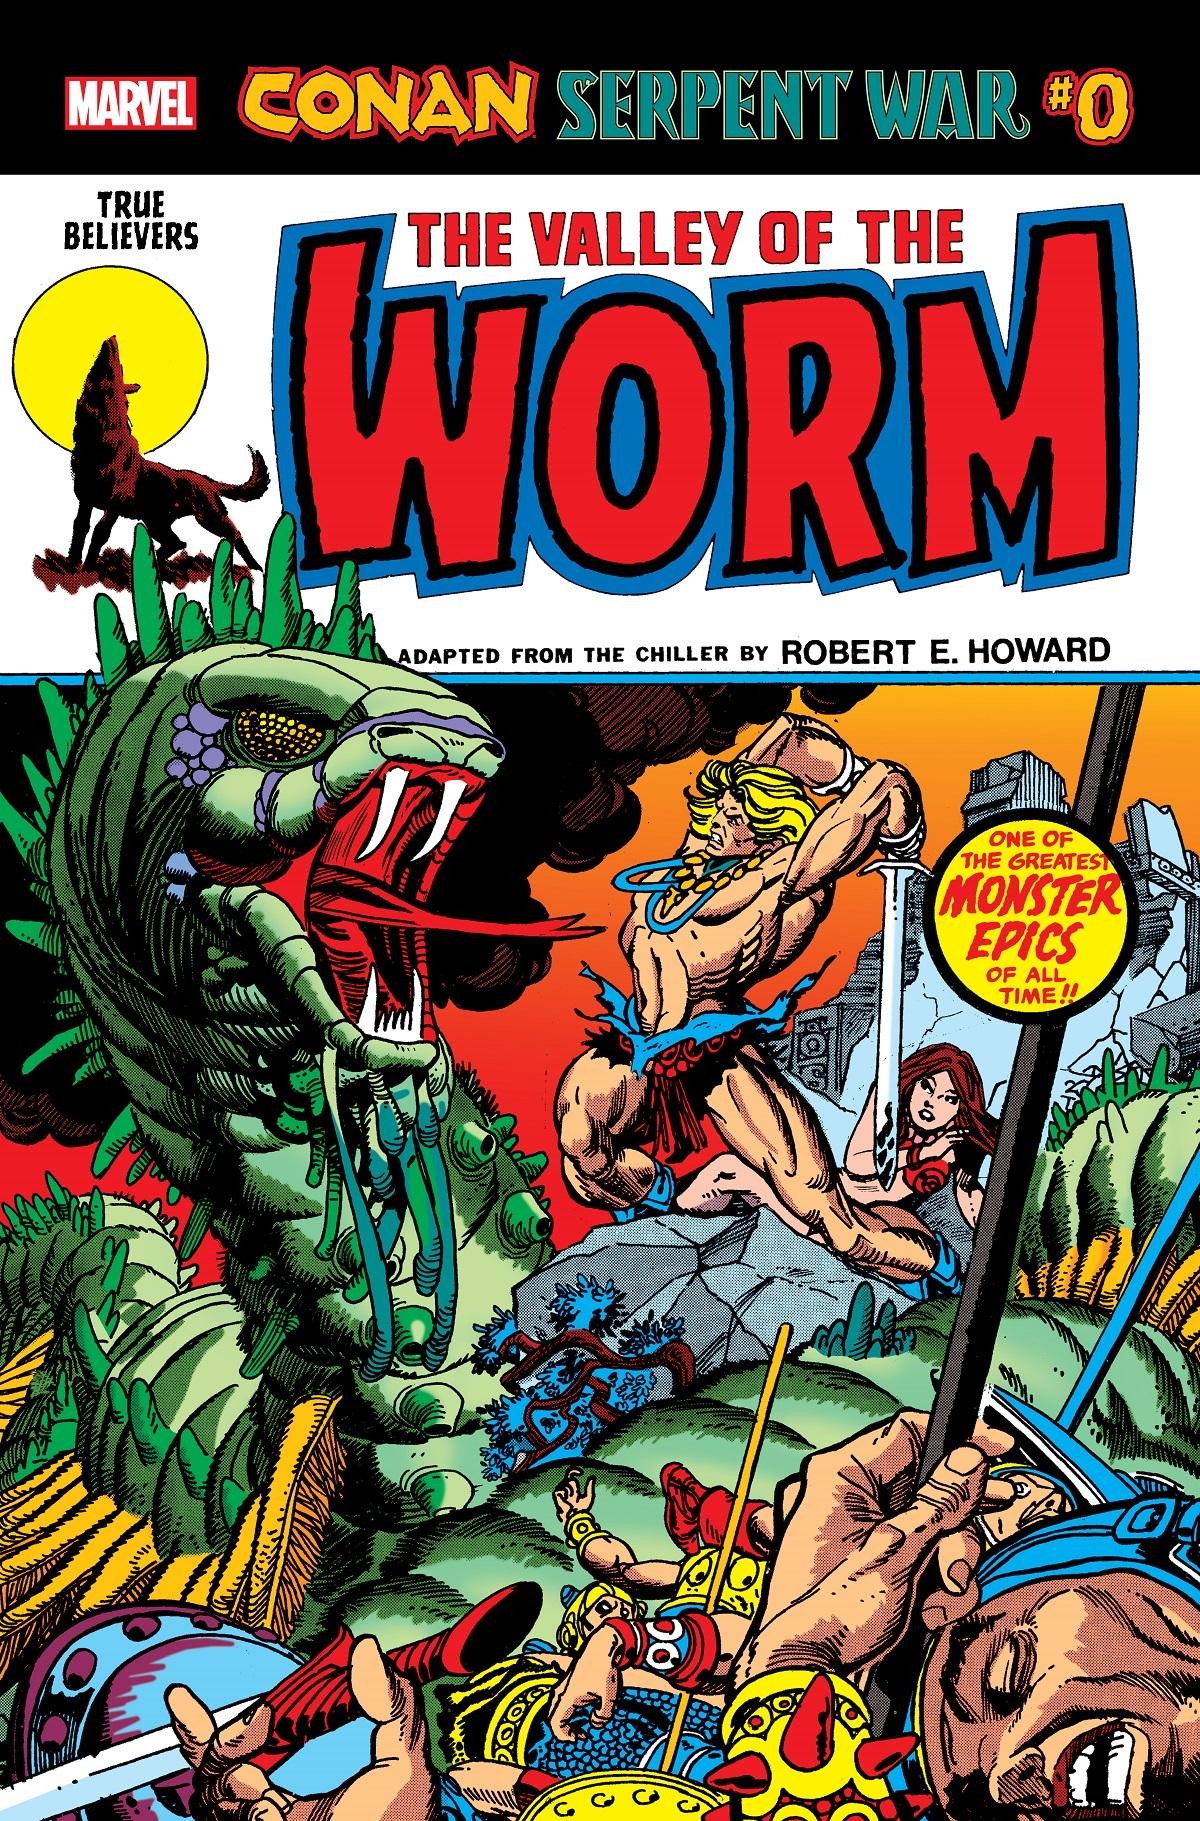 True Believers: Conan: Serpent War No. 0 - The Valley of the Worm Vol 1 1